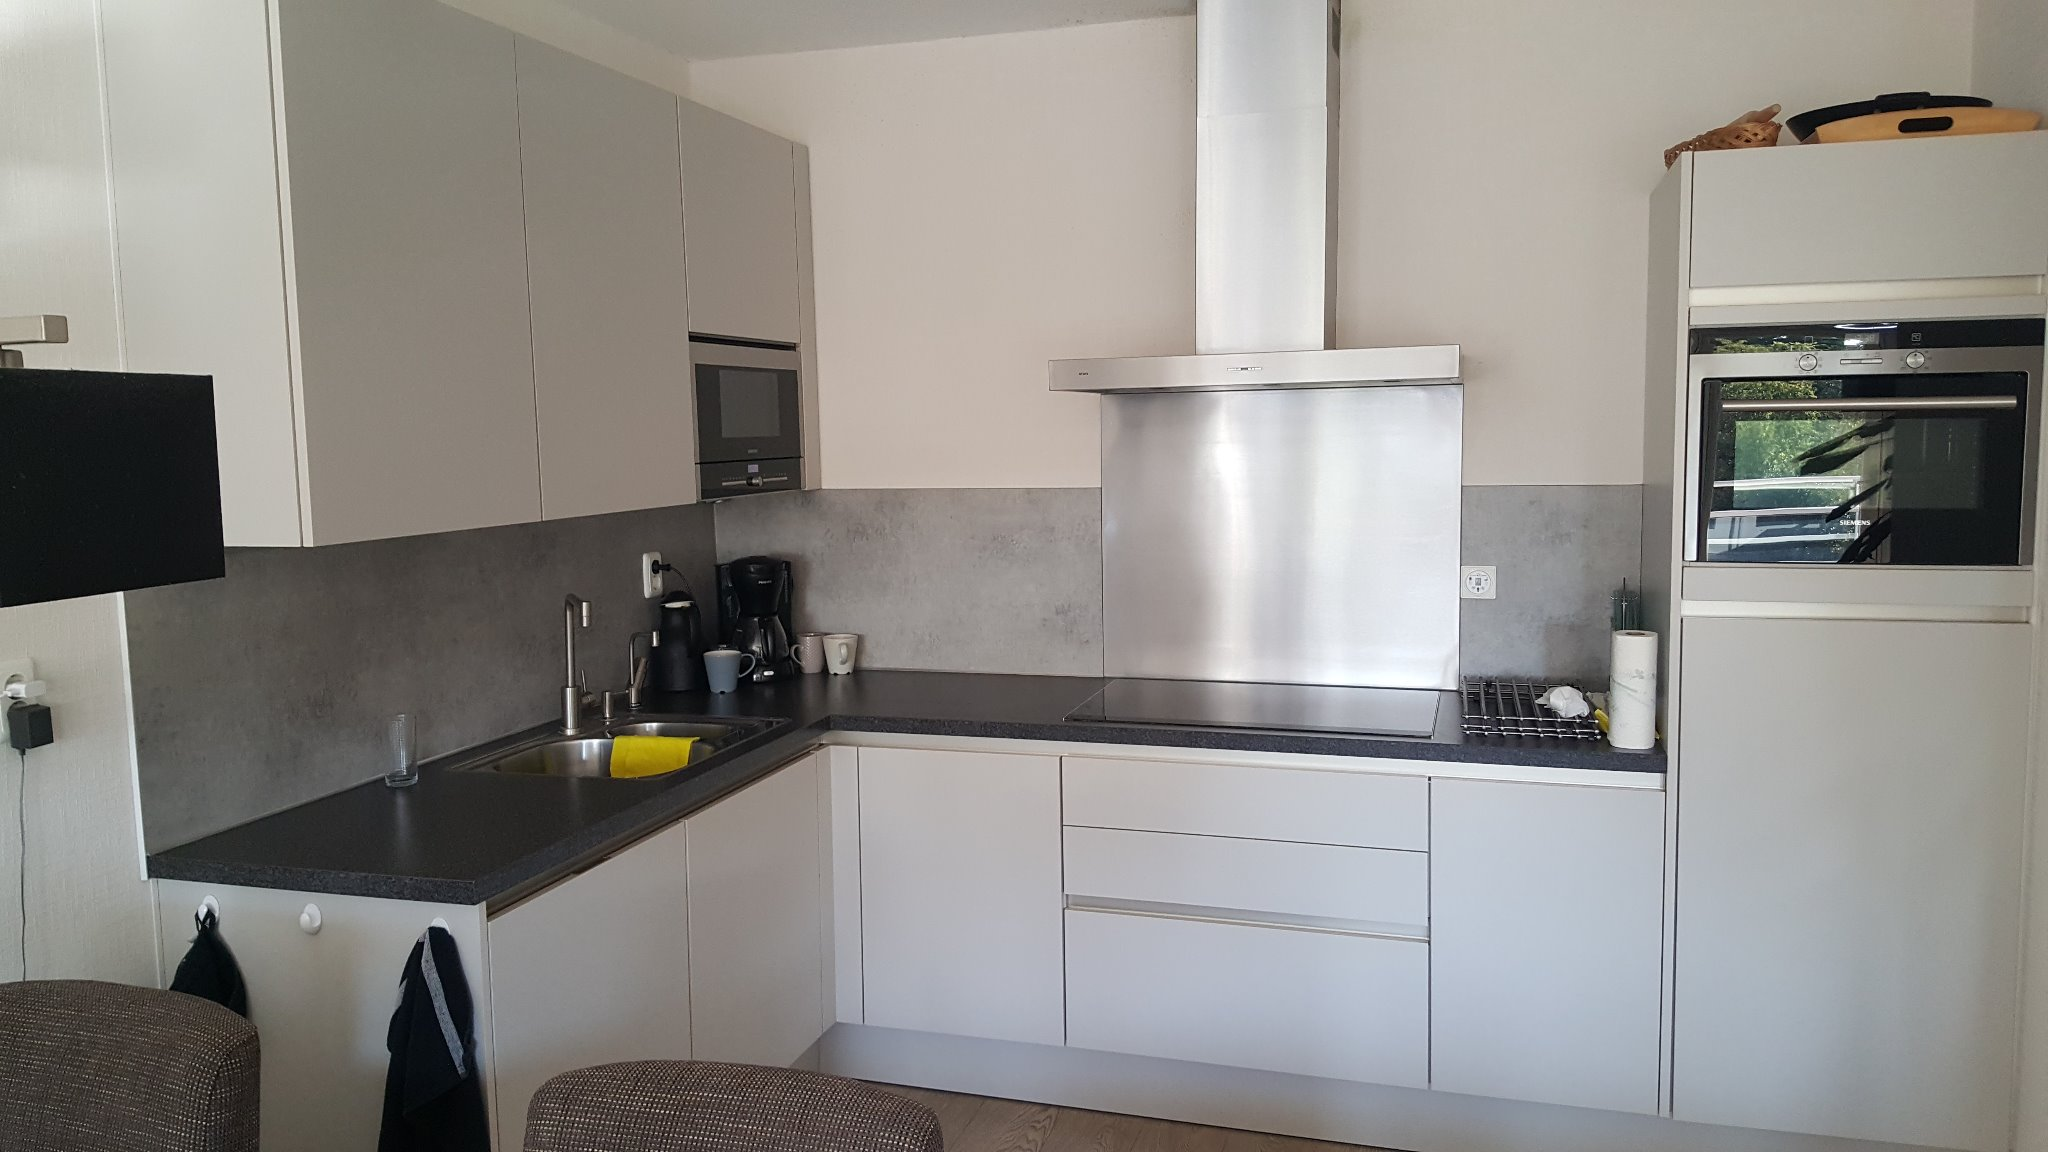 Plafond Afzuigkap Keuken : Achterwand keuken en afzuigkap vervangen en deel plafond